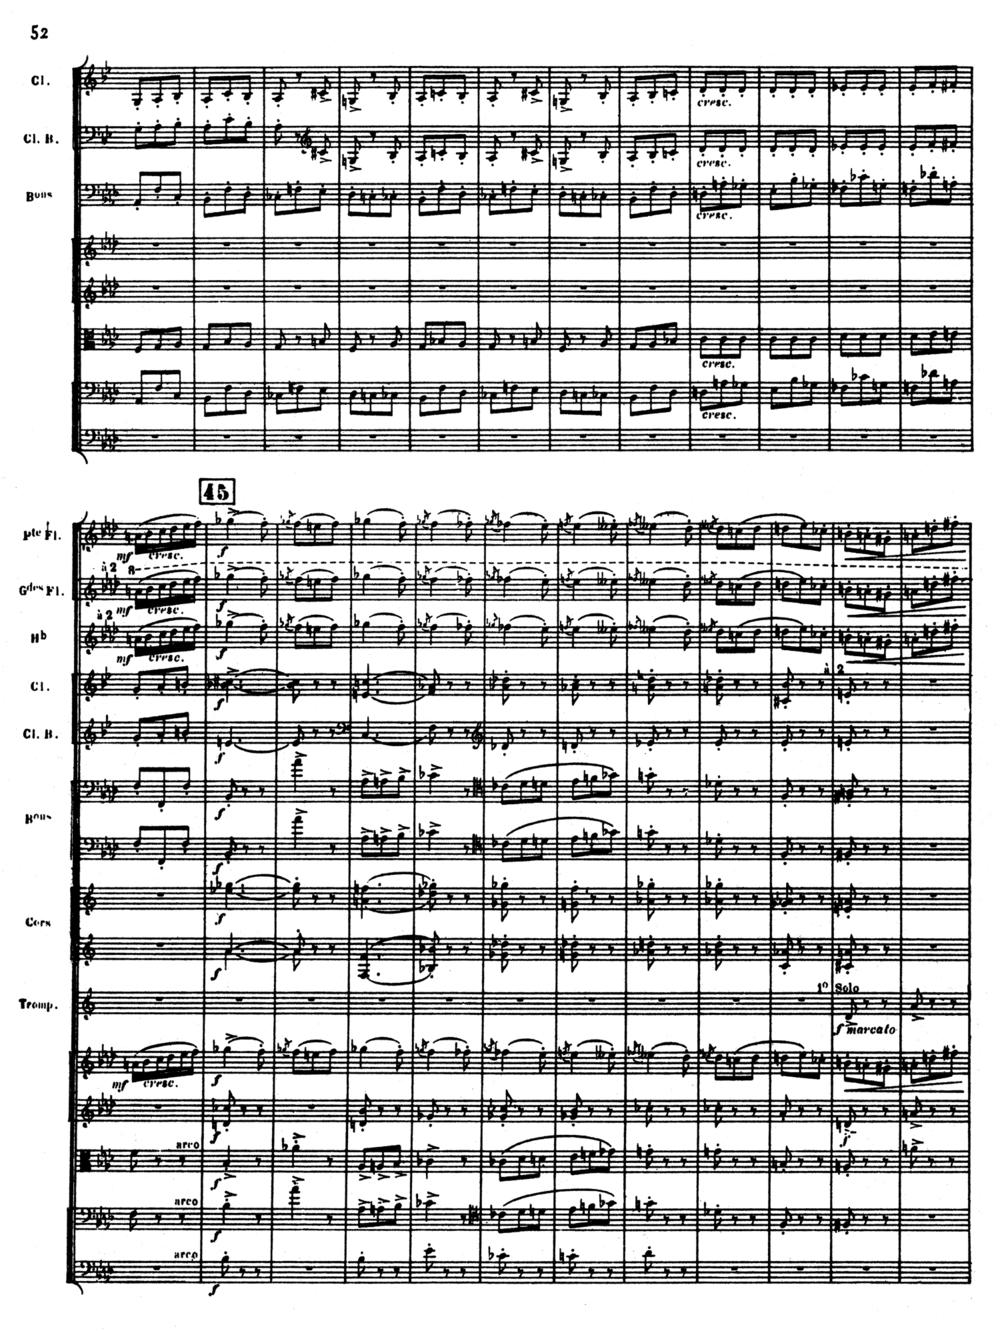 Dukas Score 6.jpg